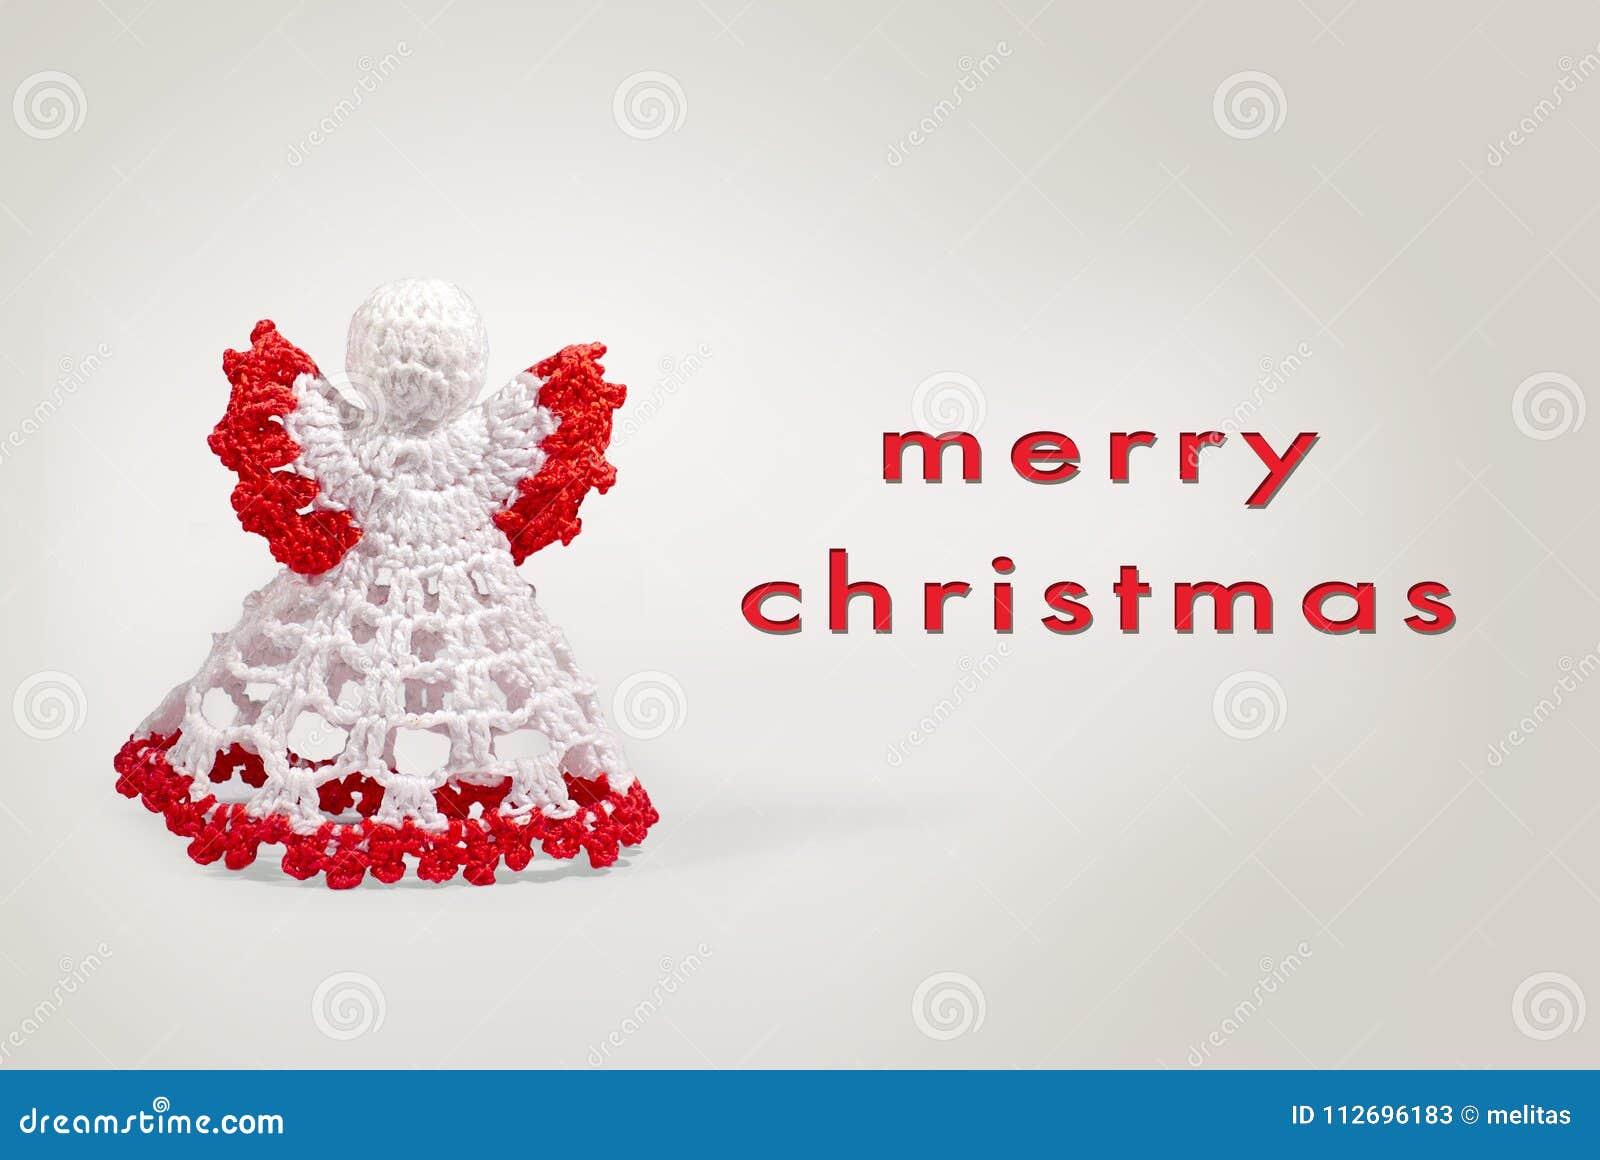 Weihnachtsgrüße Schreiben.Grußkarten Engelshäkelarbeit Mit Schreiben Der Frohen Weihnachten